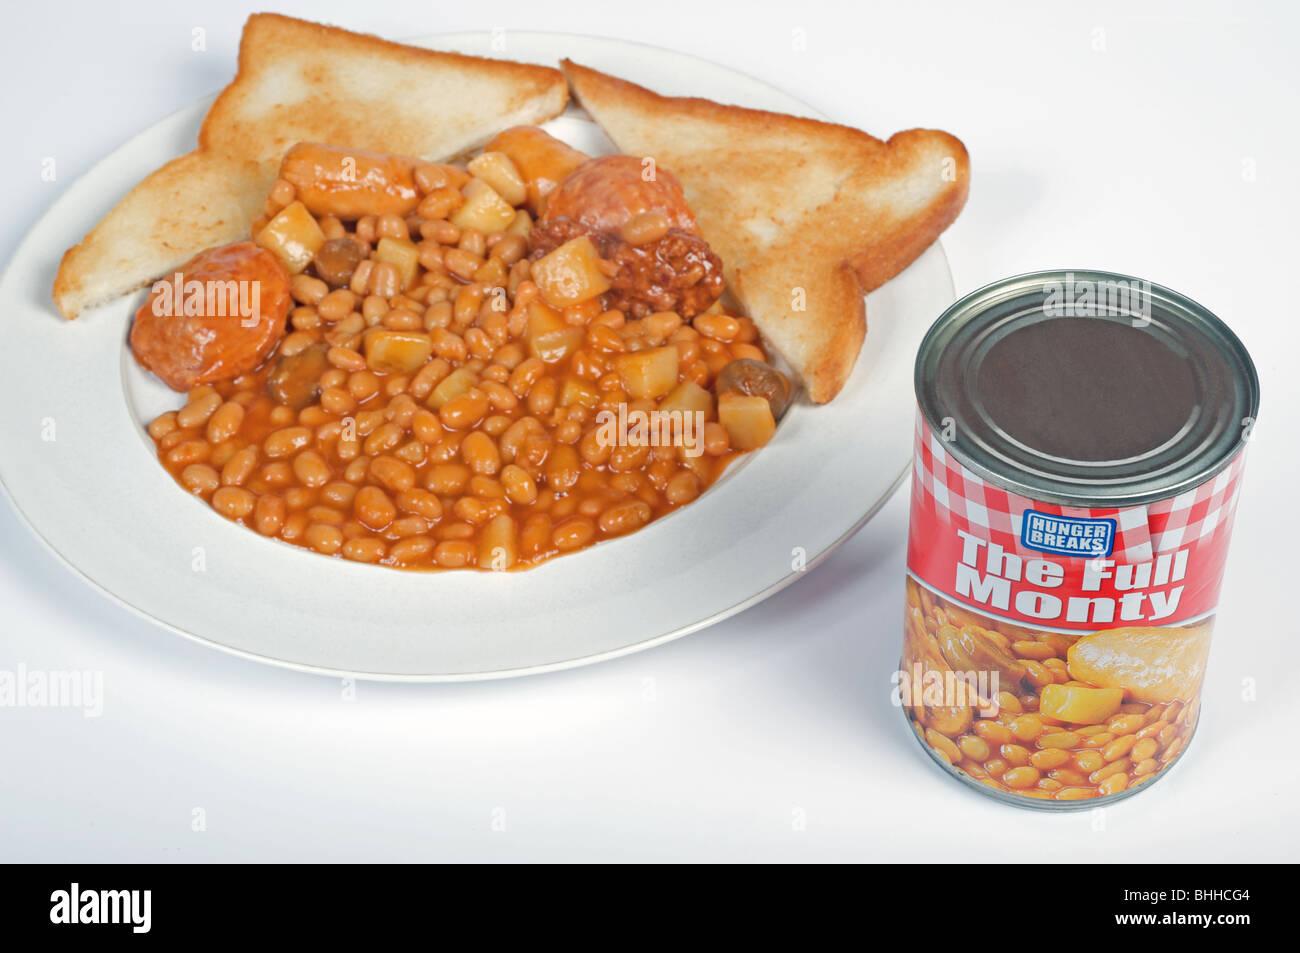 Canned Breakfast Foods